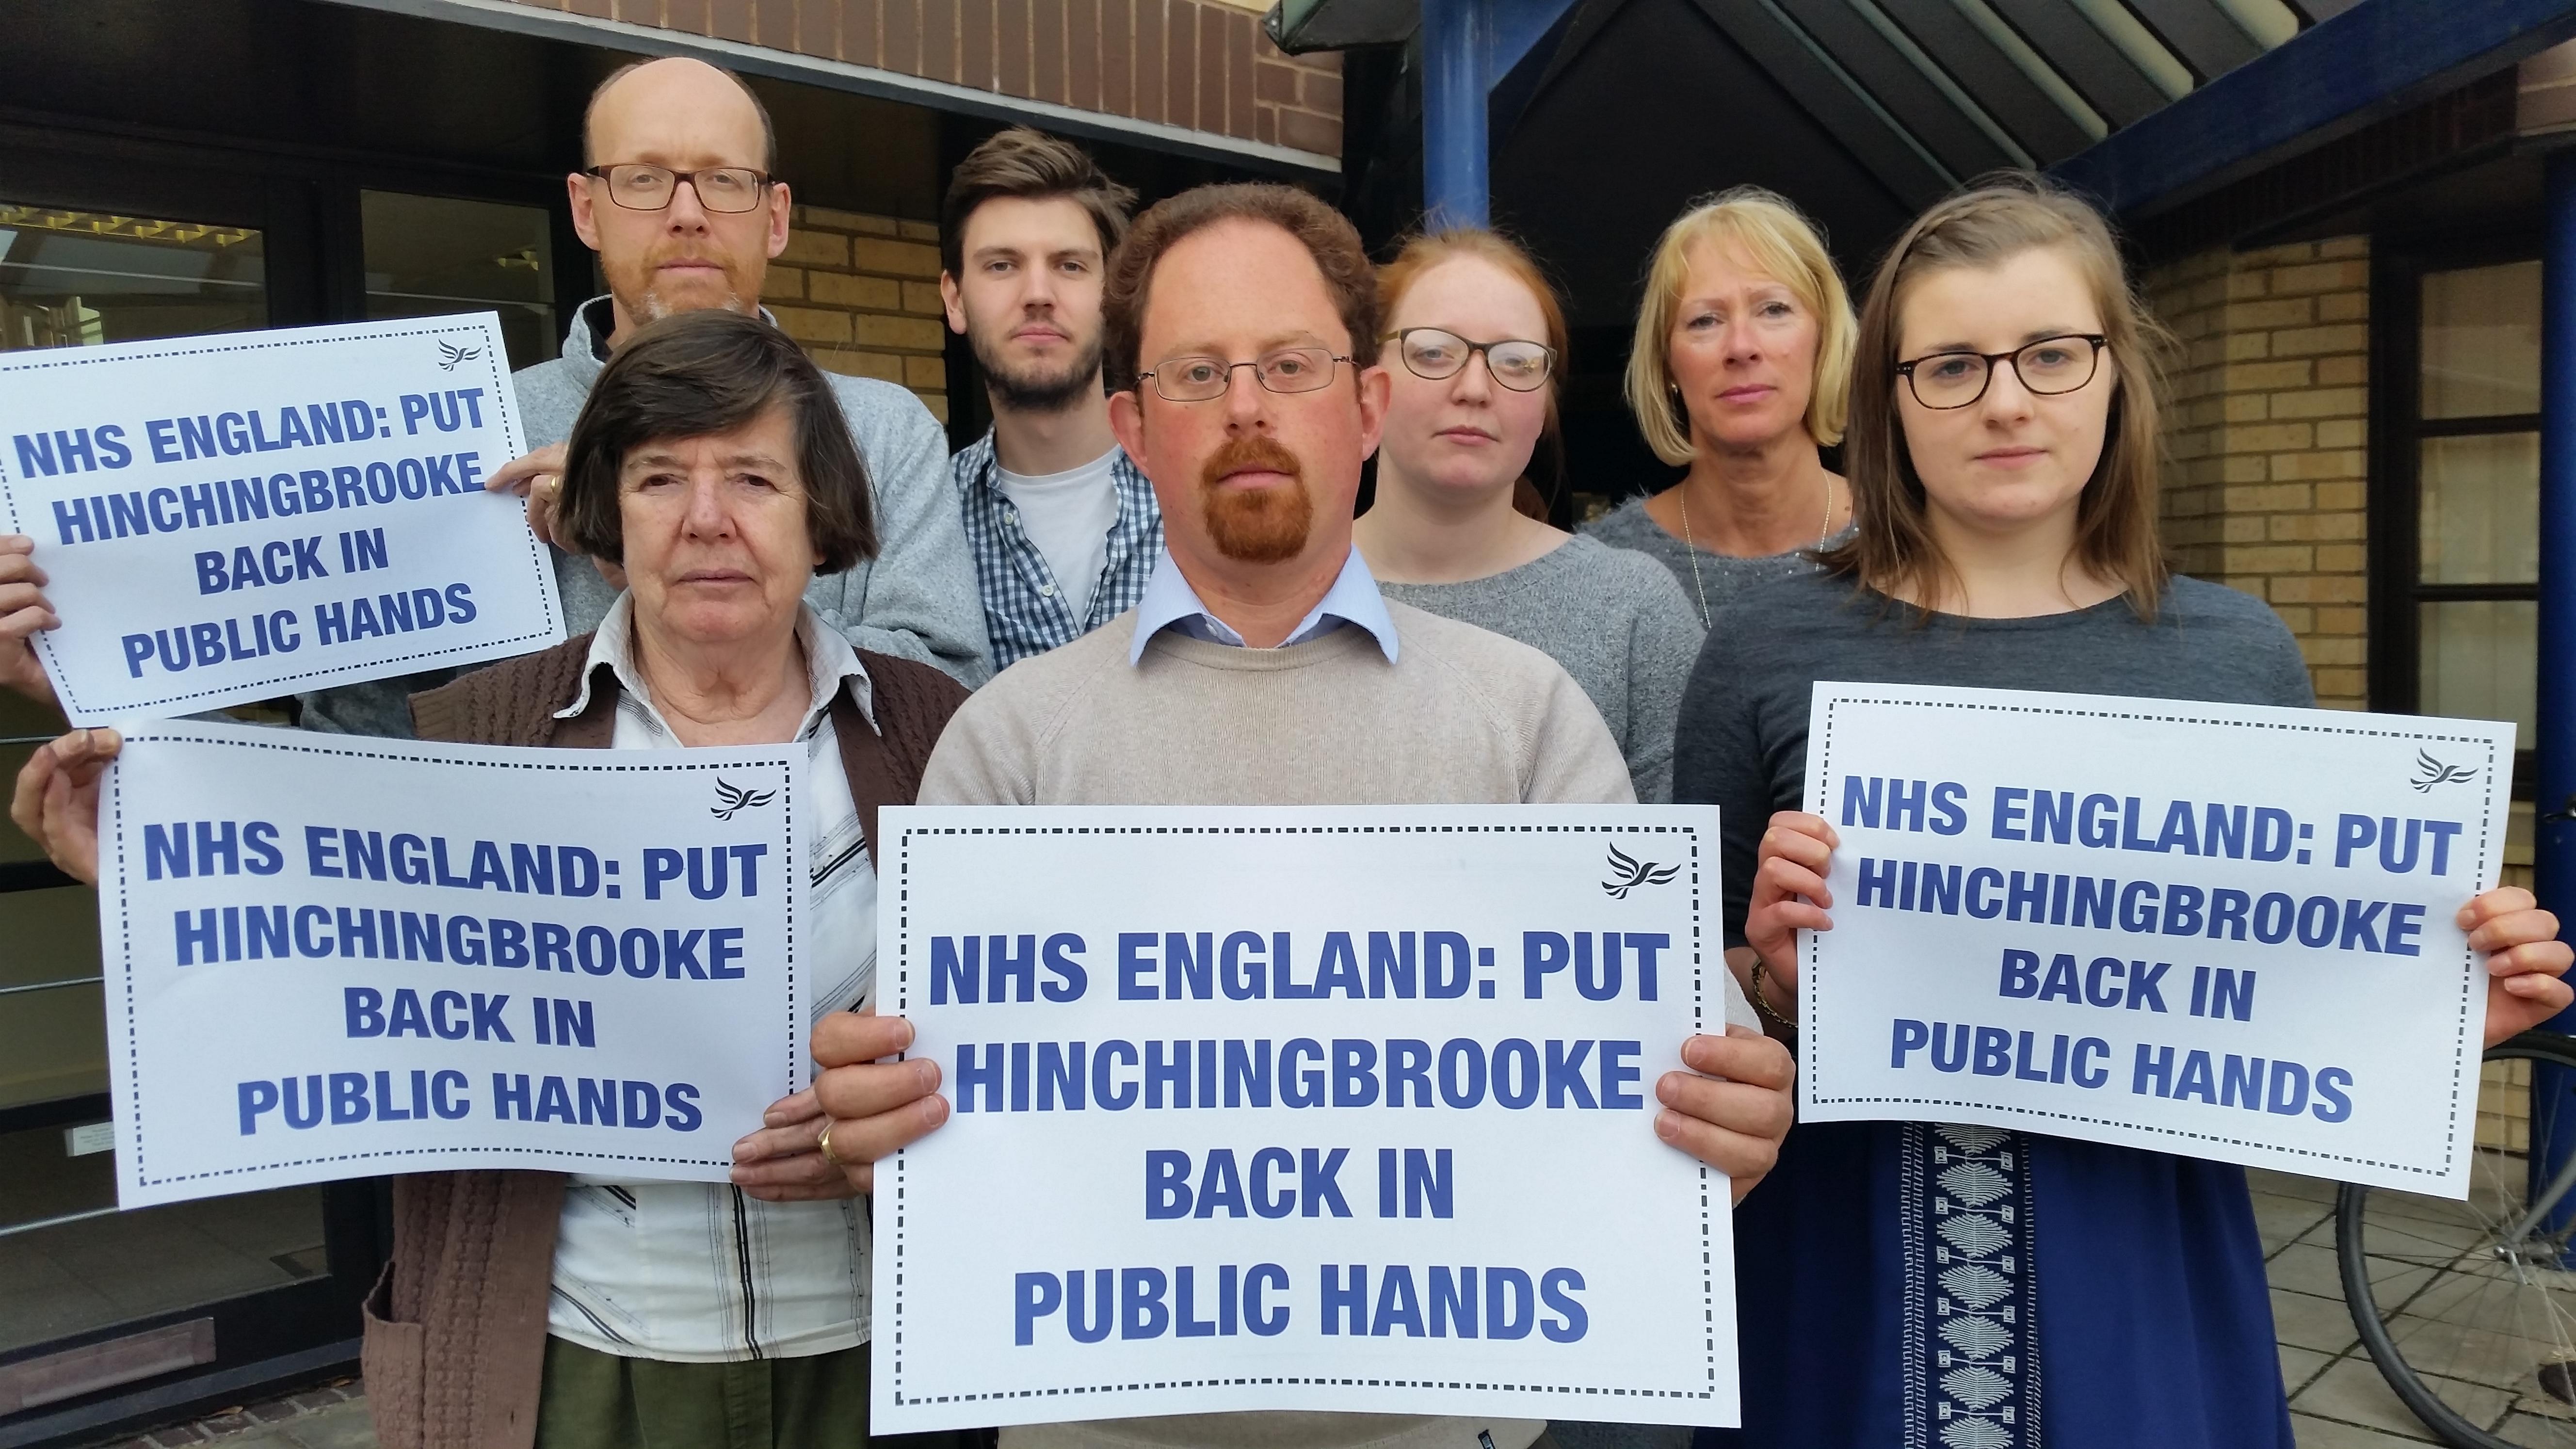 Hinchingbrooke.jpg